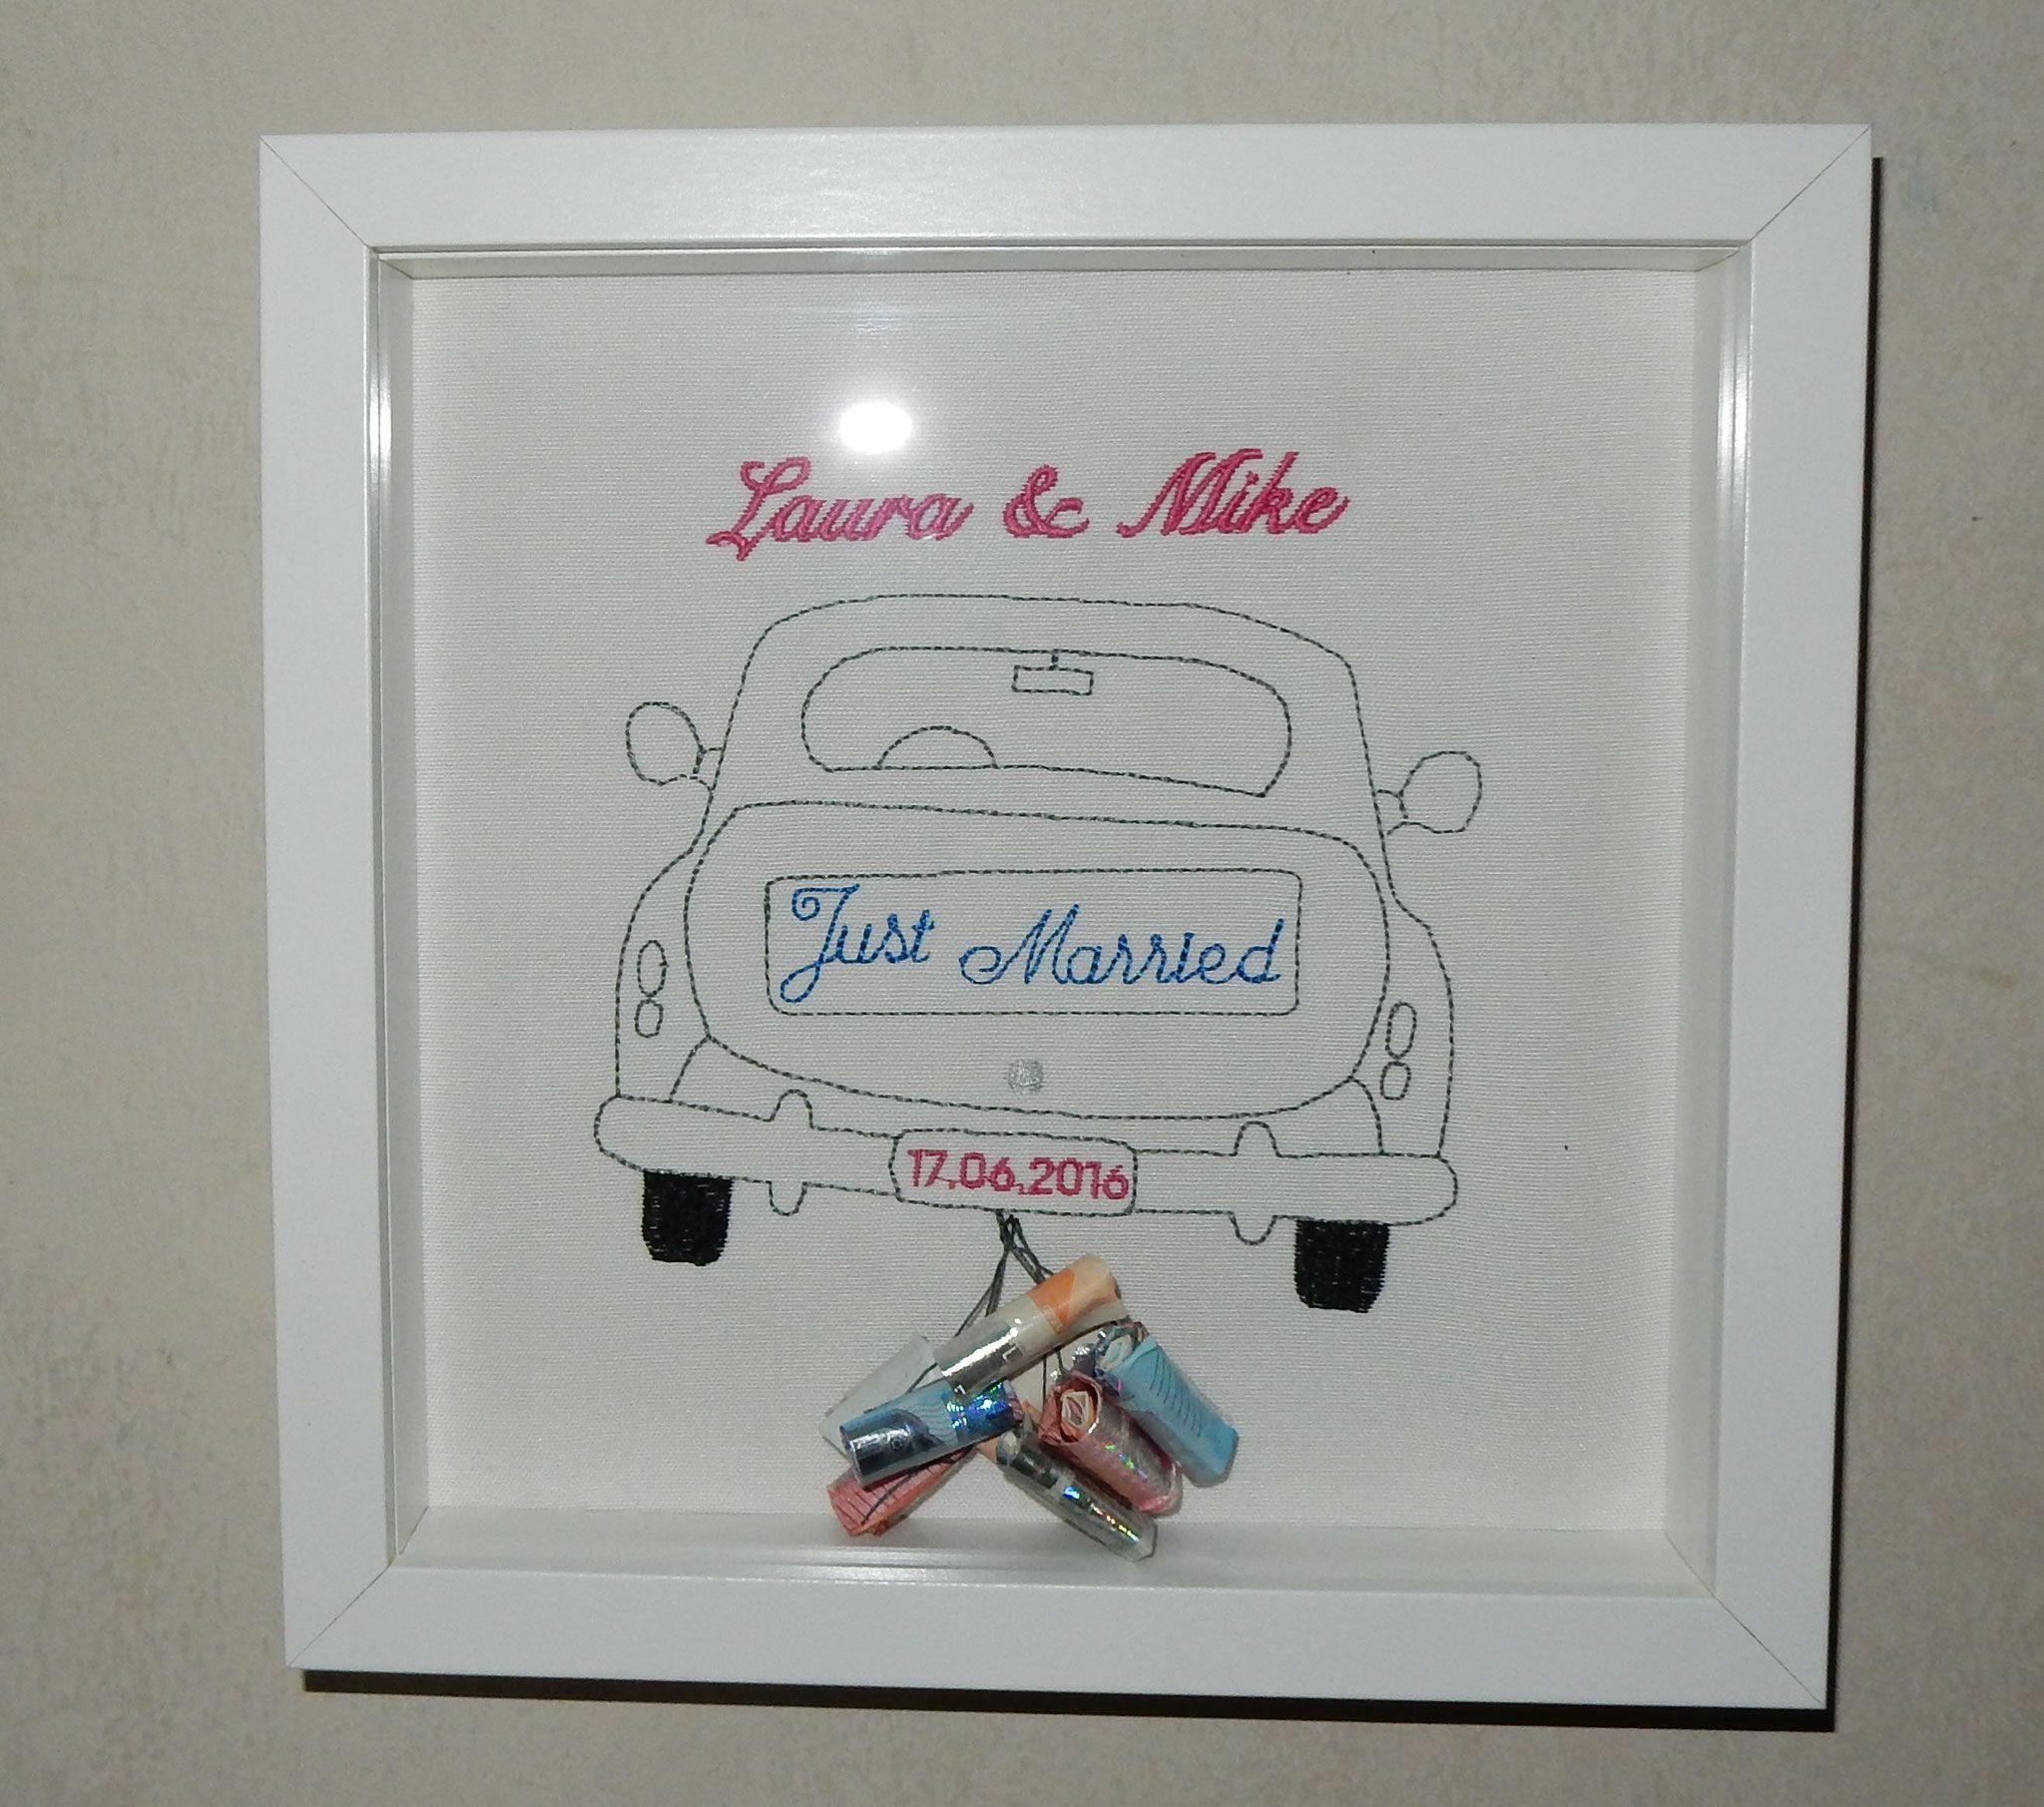 hochzeitsgeschenk bilderrahmen auto vorlage die besten. Black Bedroom Furniture Sets. Home Design Ideas